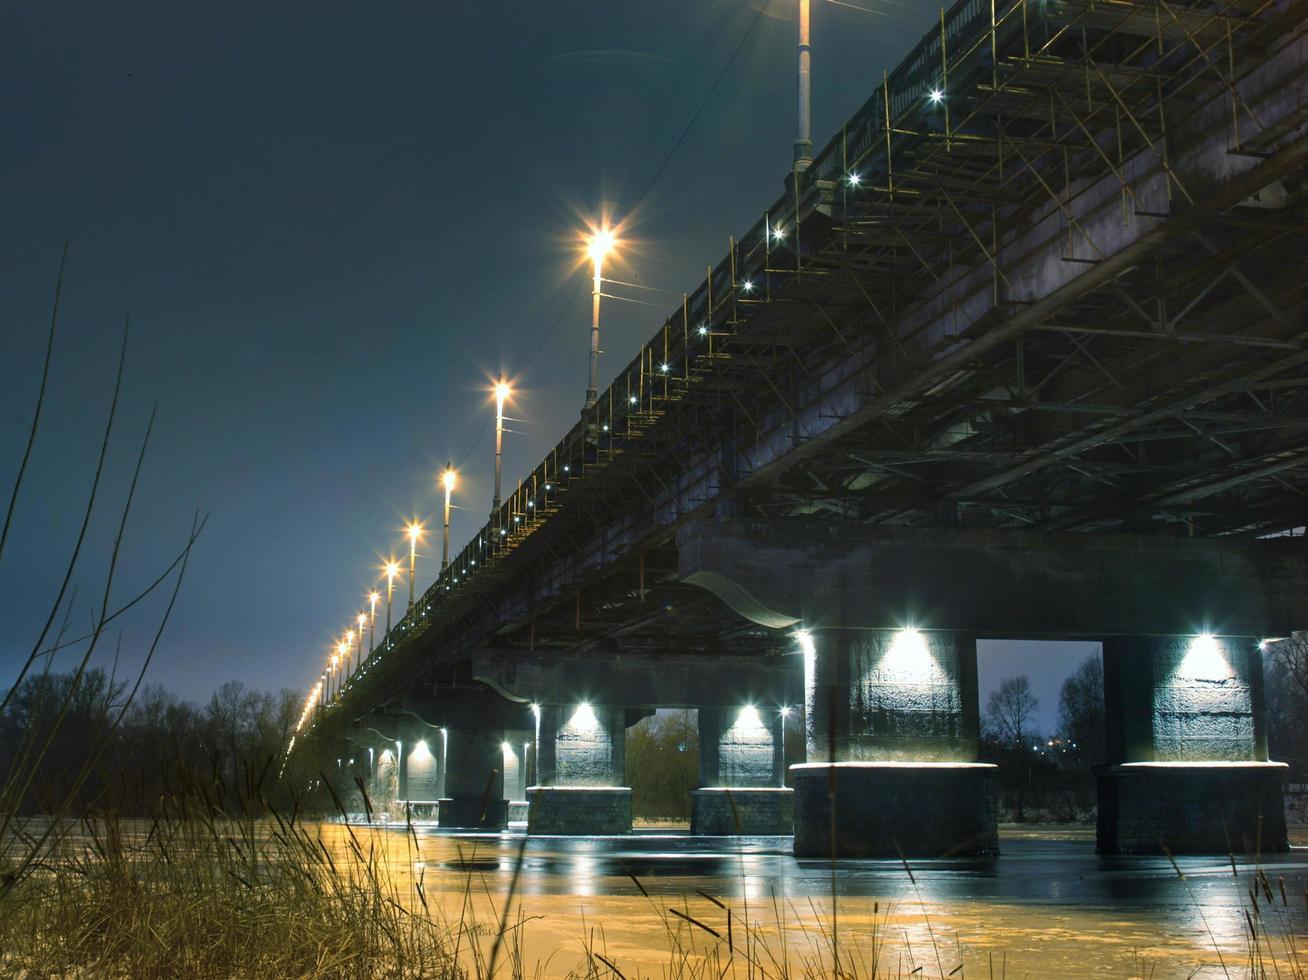 brug boven water met lichten 's nachts foto